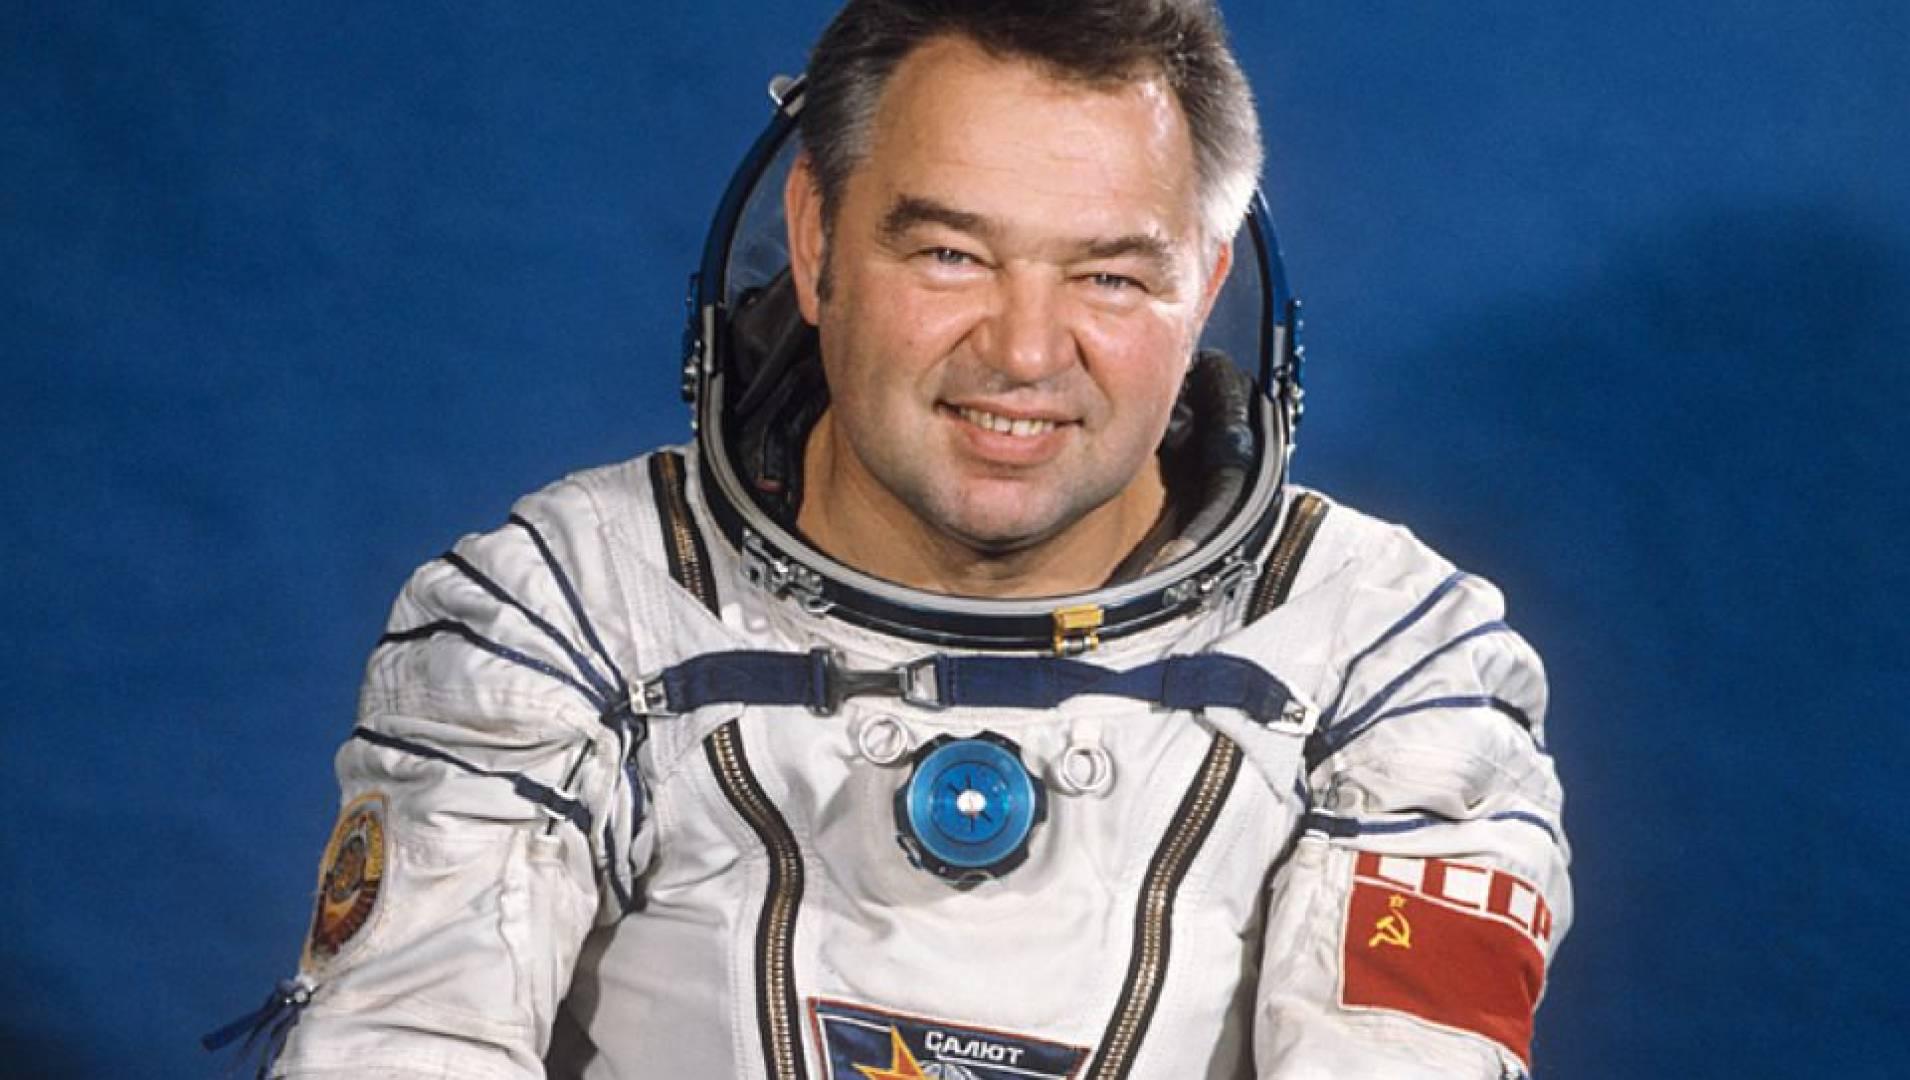 Георгий Гречко. Я был в космосе, я верю в Бога - Документальный фильм